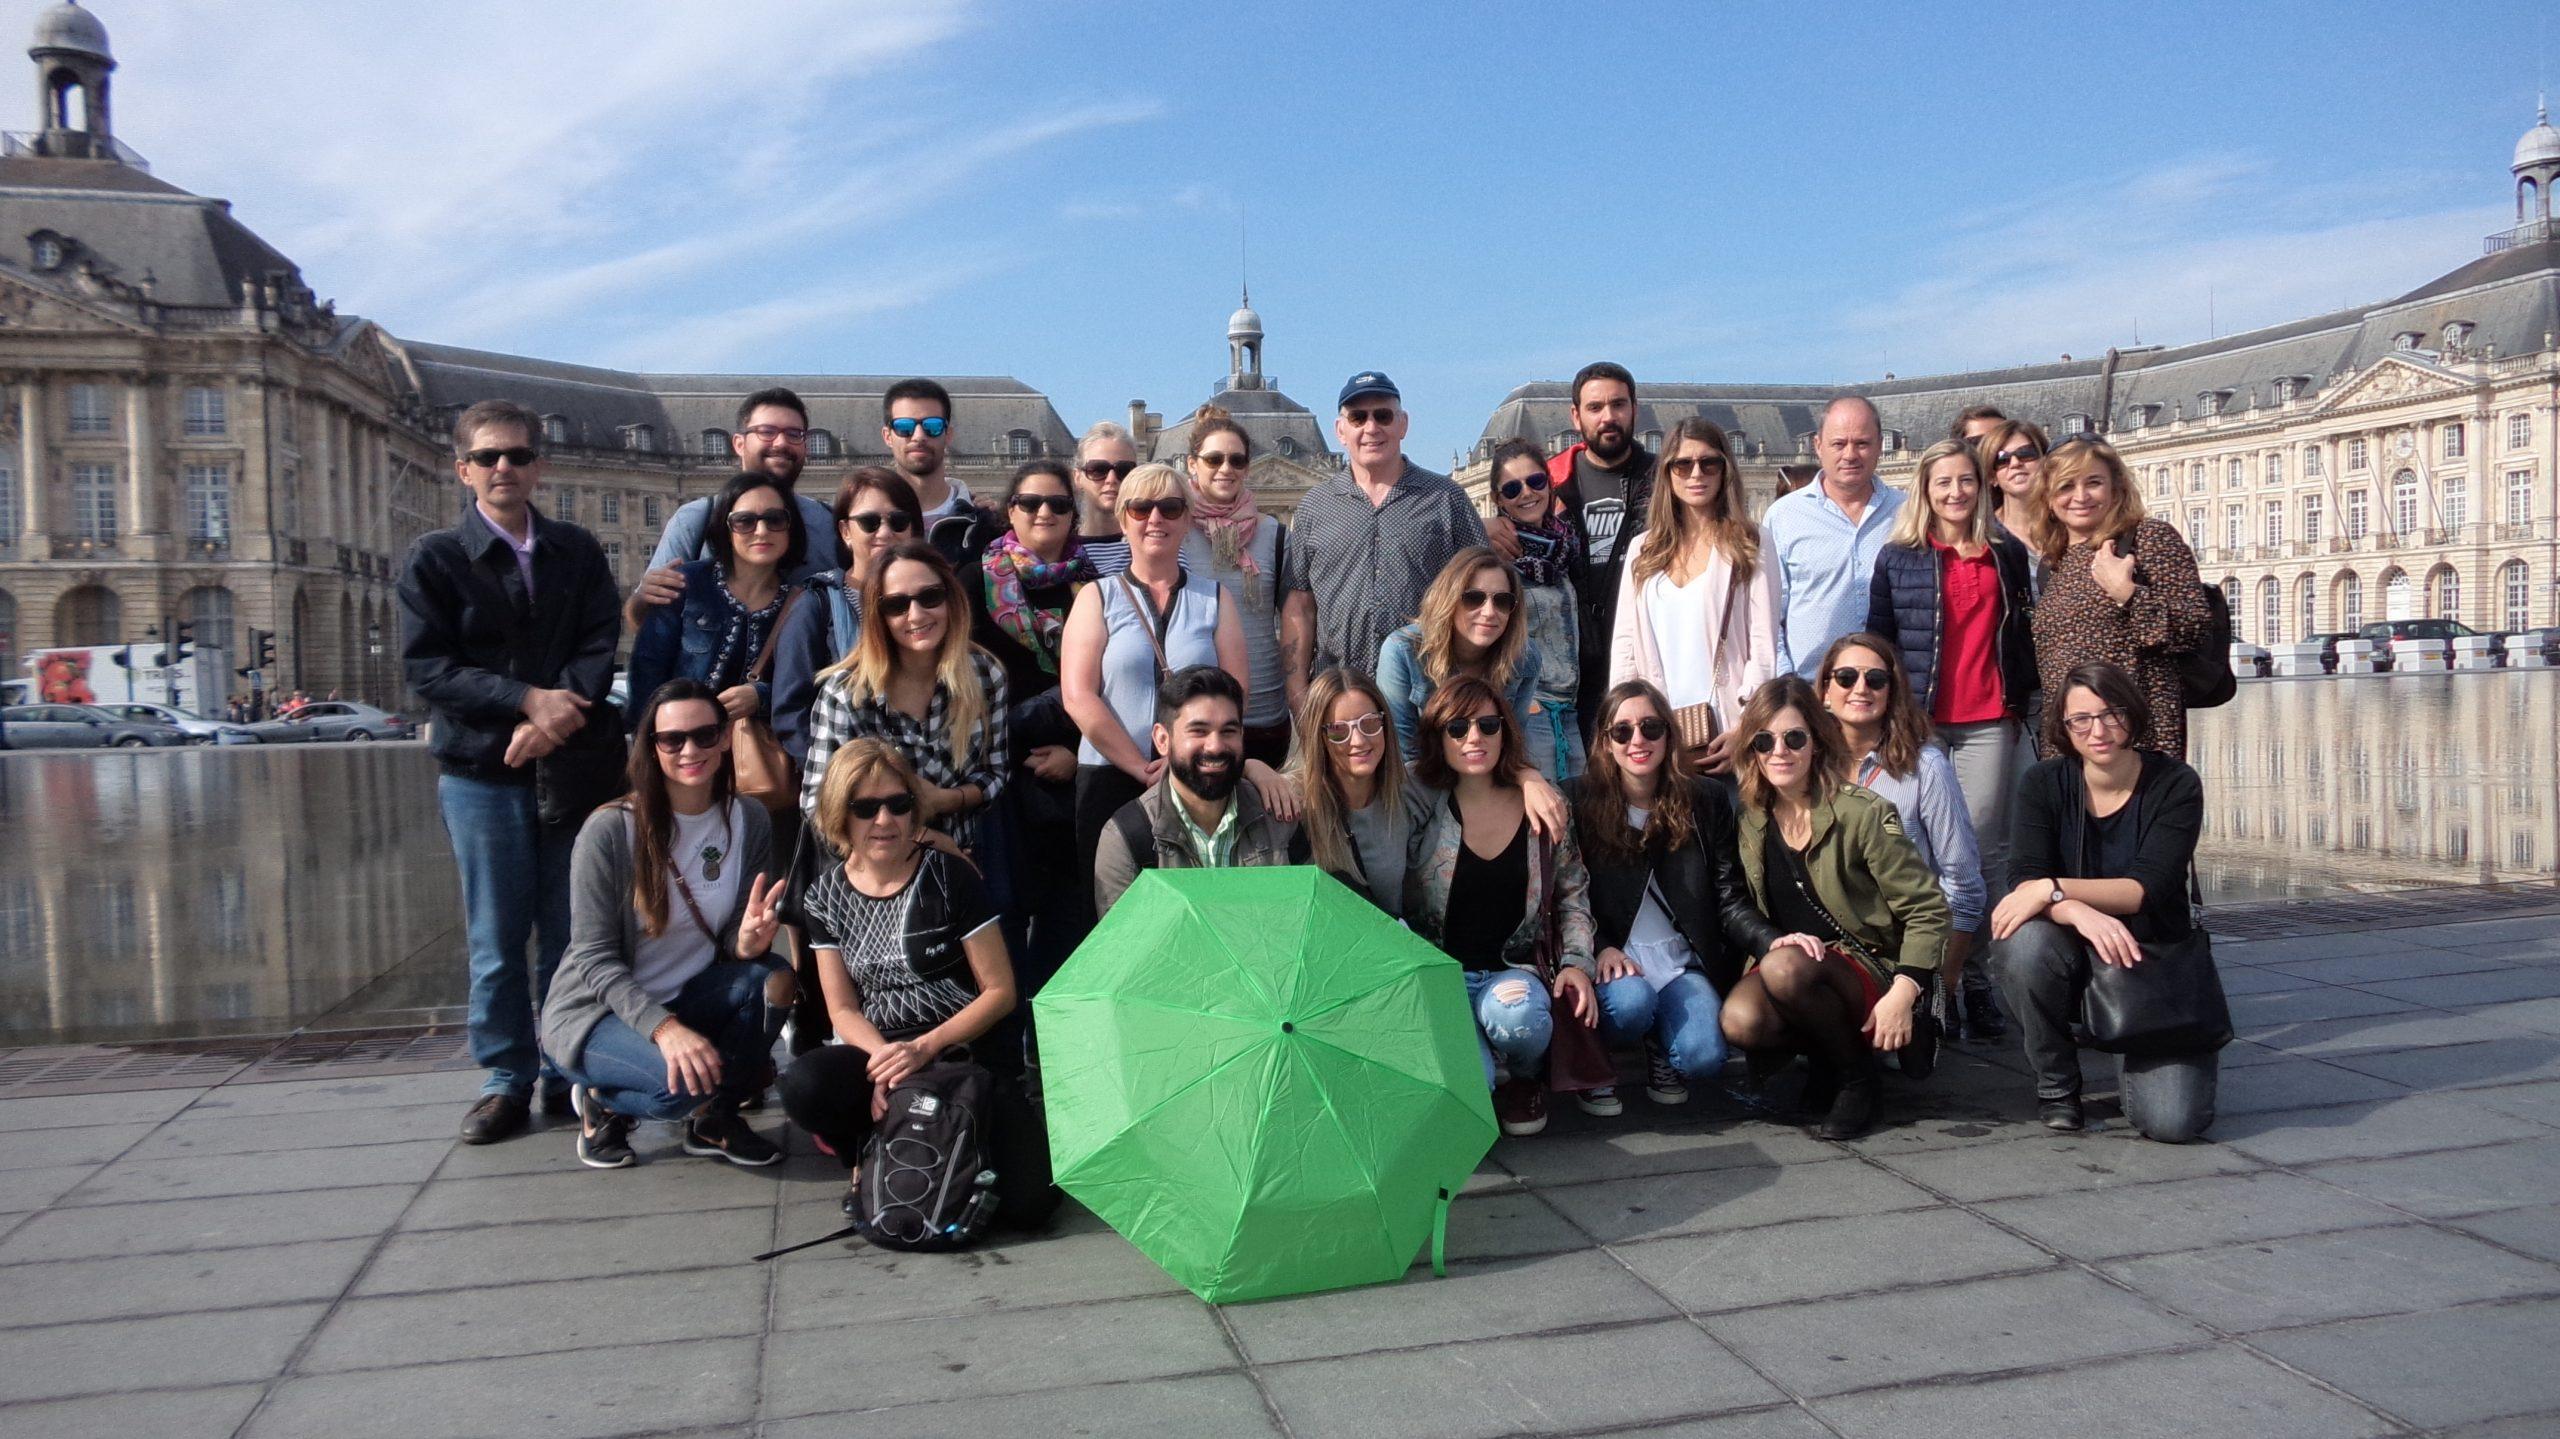 Picture Tourism Bordeaux